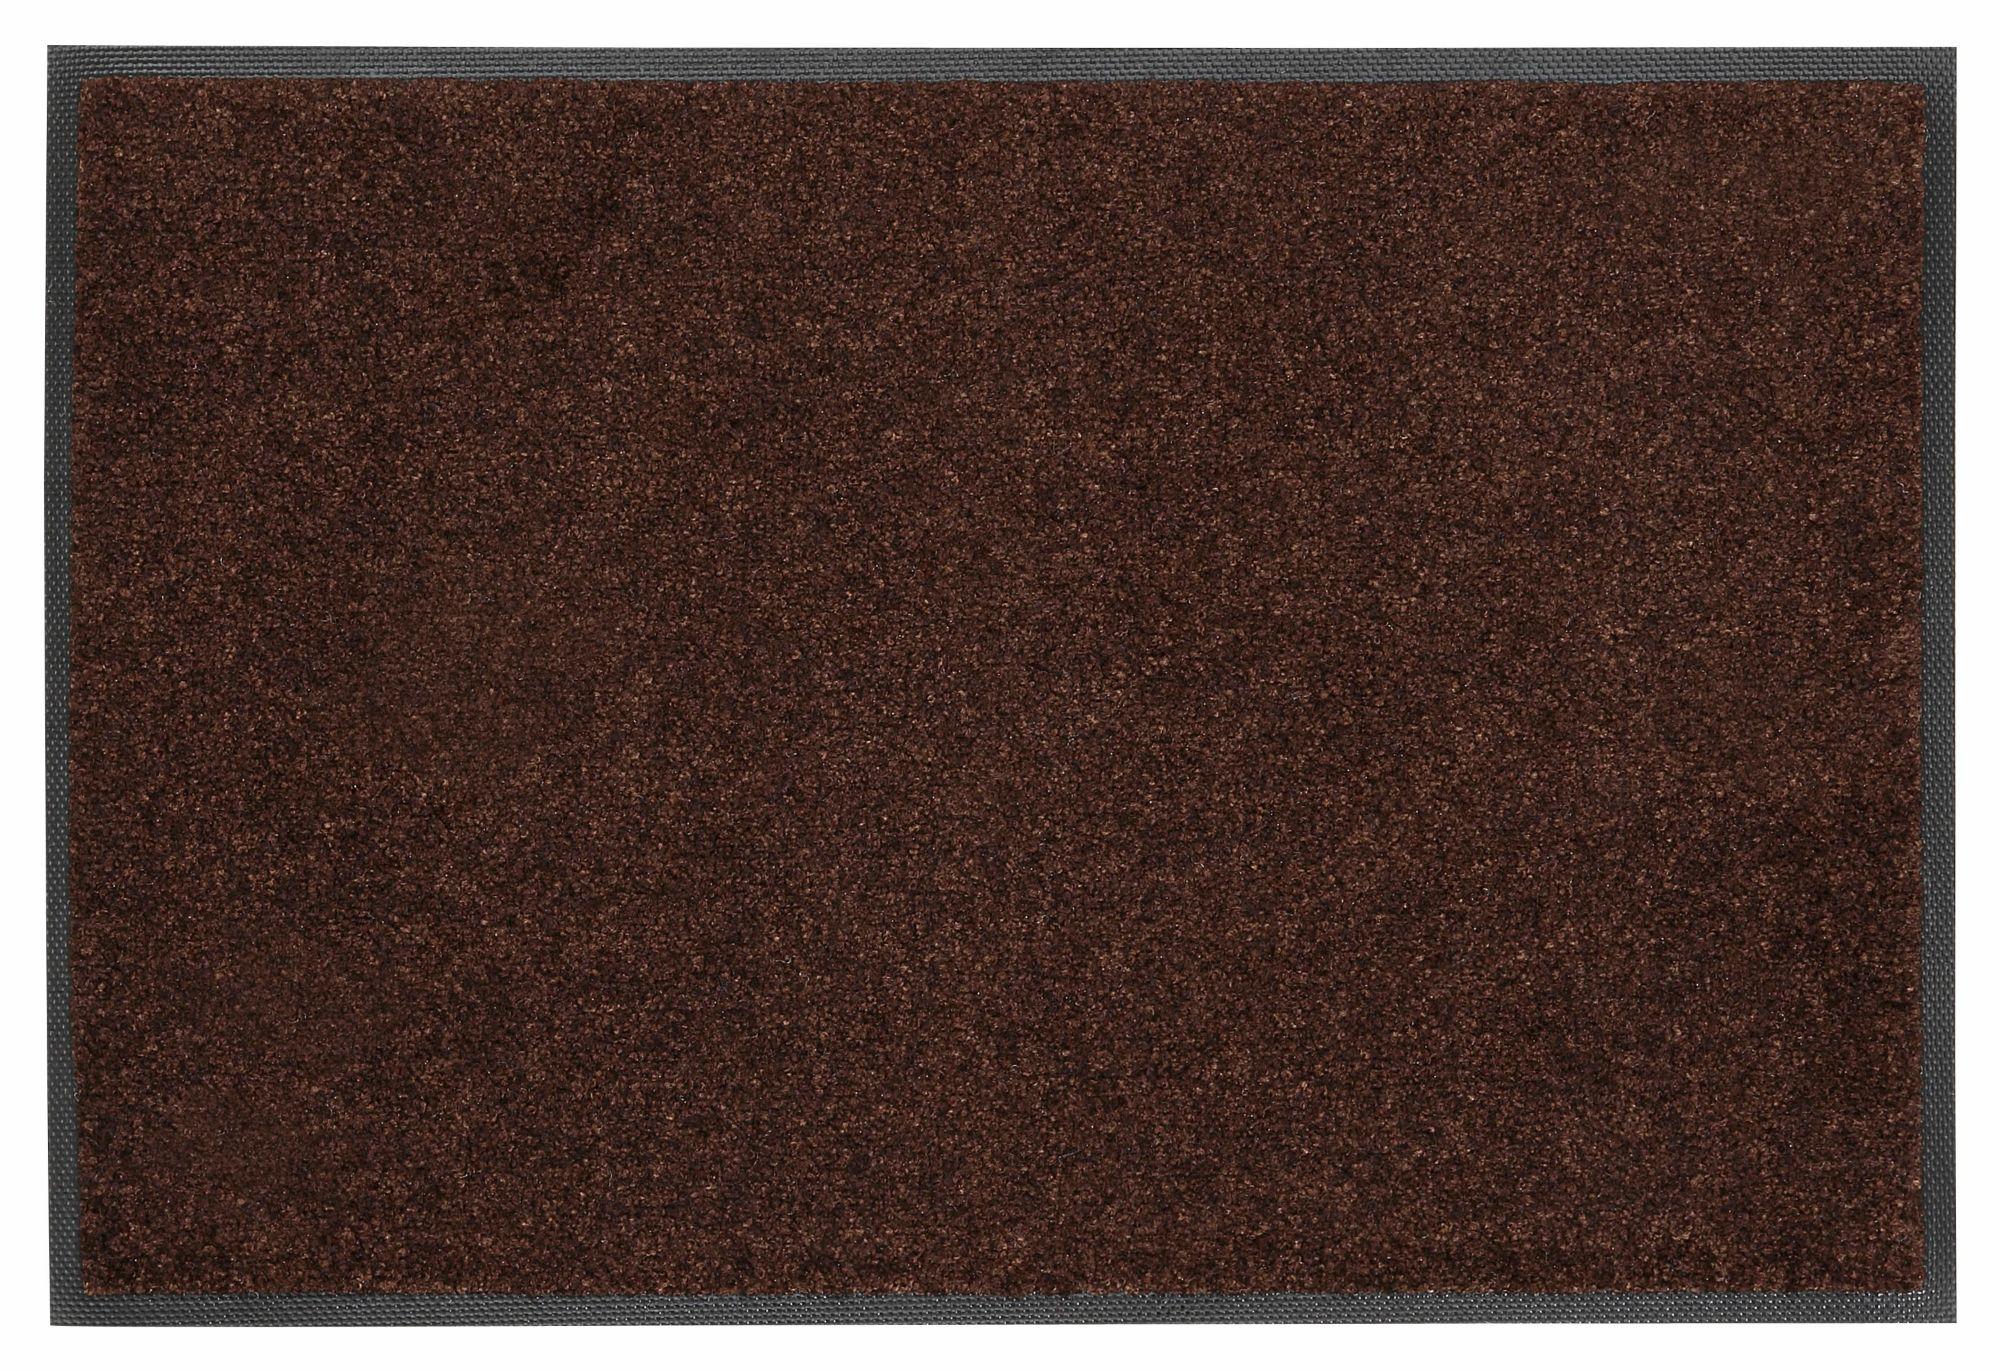 Fußmatte, »Trend Uni«, wash+dry by Kleen-Tex, rechteckig, Höhe 7 mm, gedruckt